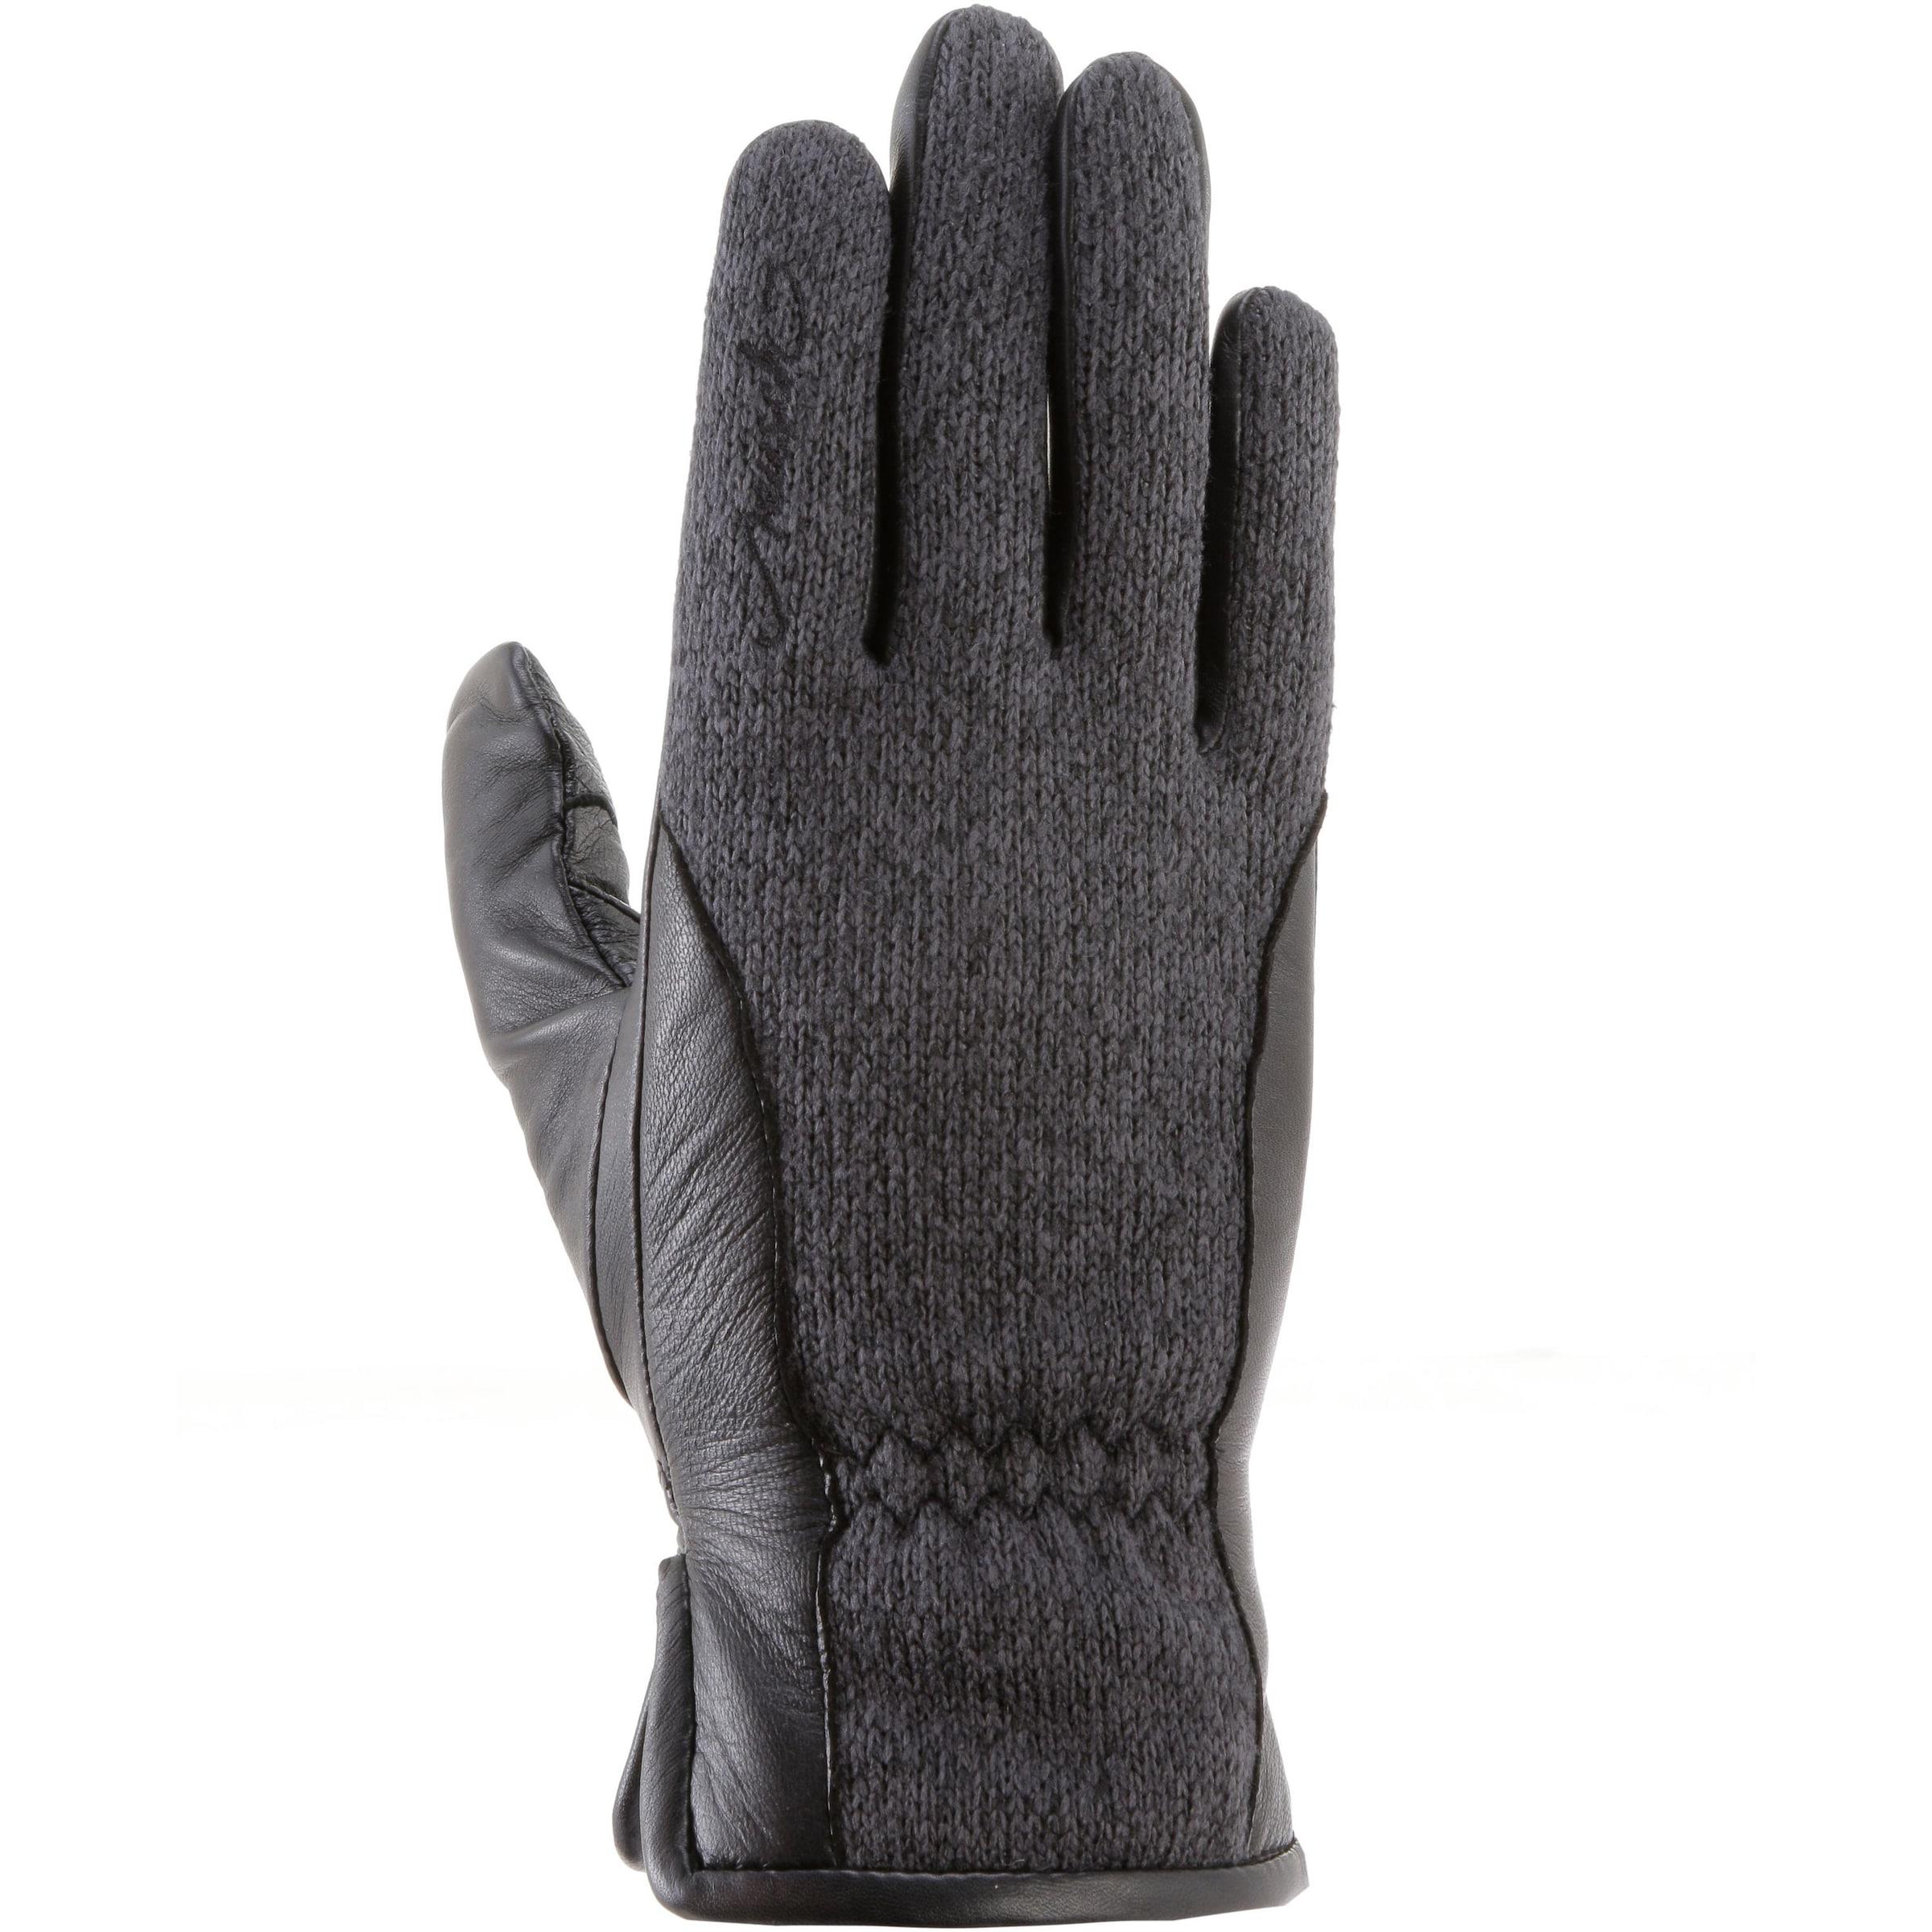 Reusch Fingerhandschuhe Fingerhandschuhe In DunkelgrauSchwarz 'verona' Reusch jUGMqLSVzp